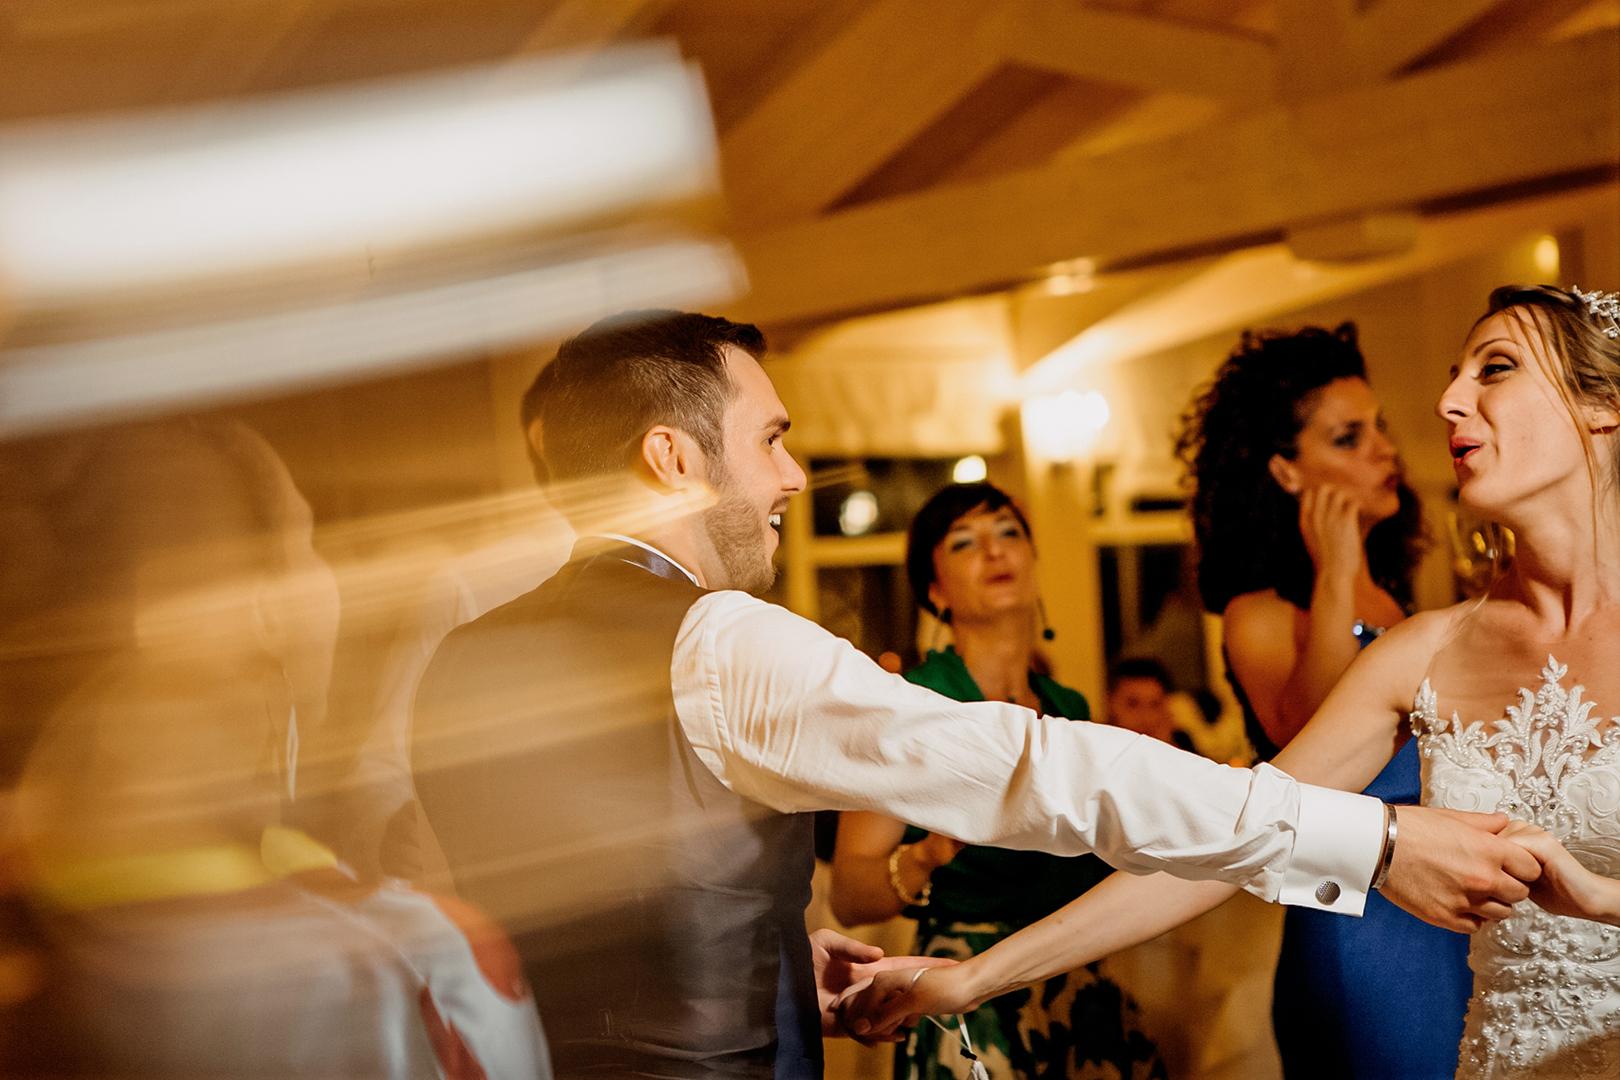 56 gianni-lepore-fotografo-matrimonio-sposi-ballo-amici-invitati-parenti